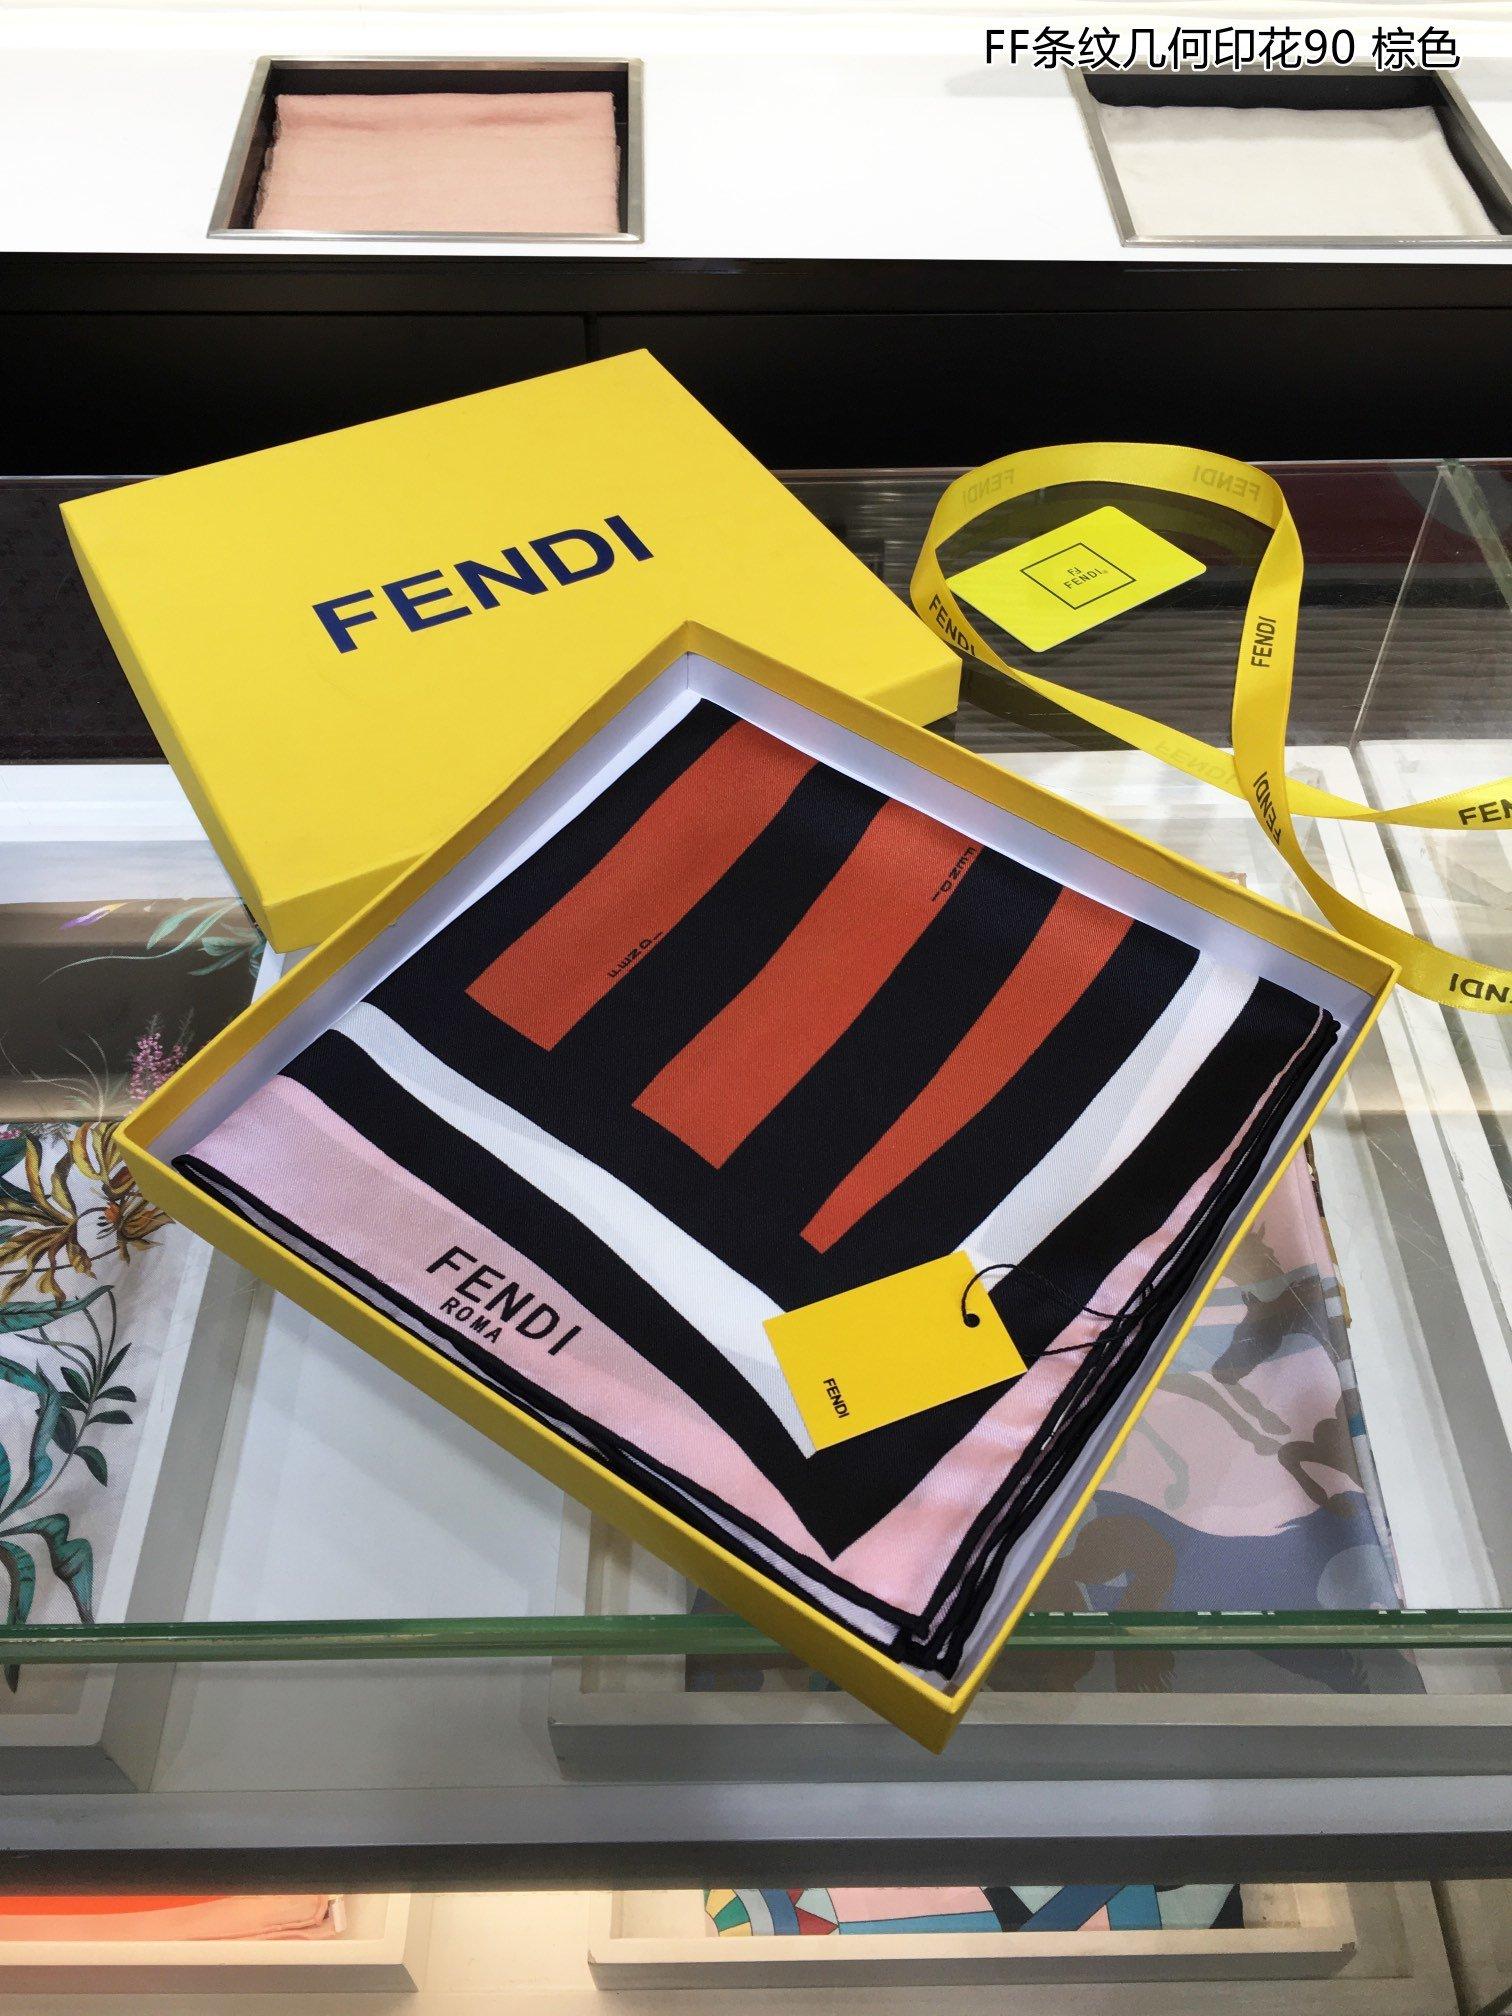 新FD最最新的专柜主打FF条纹几何印